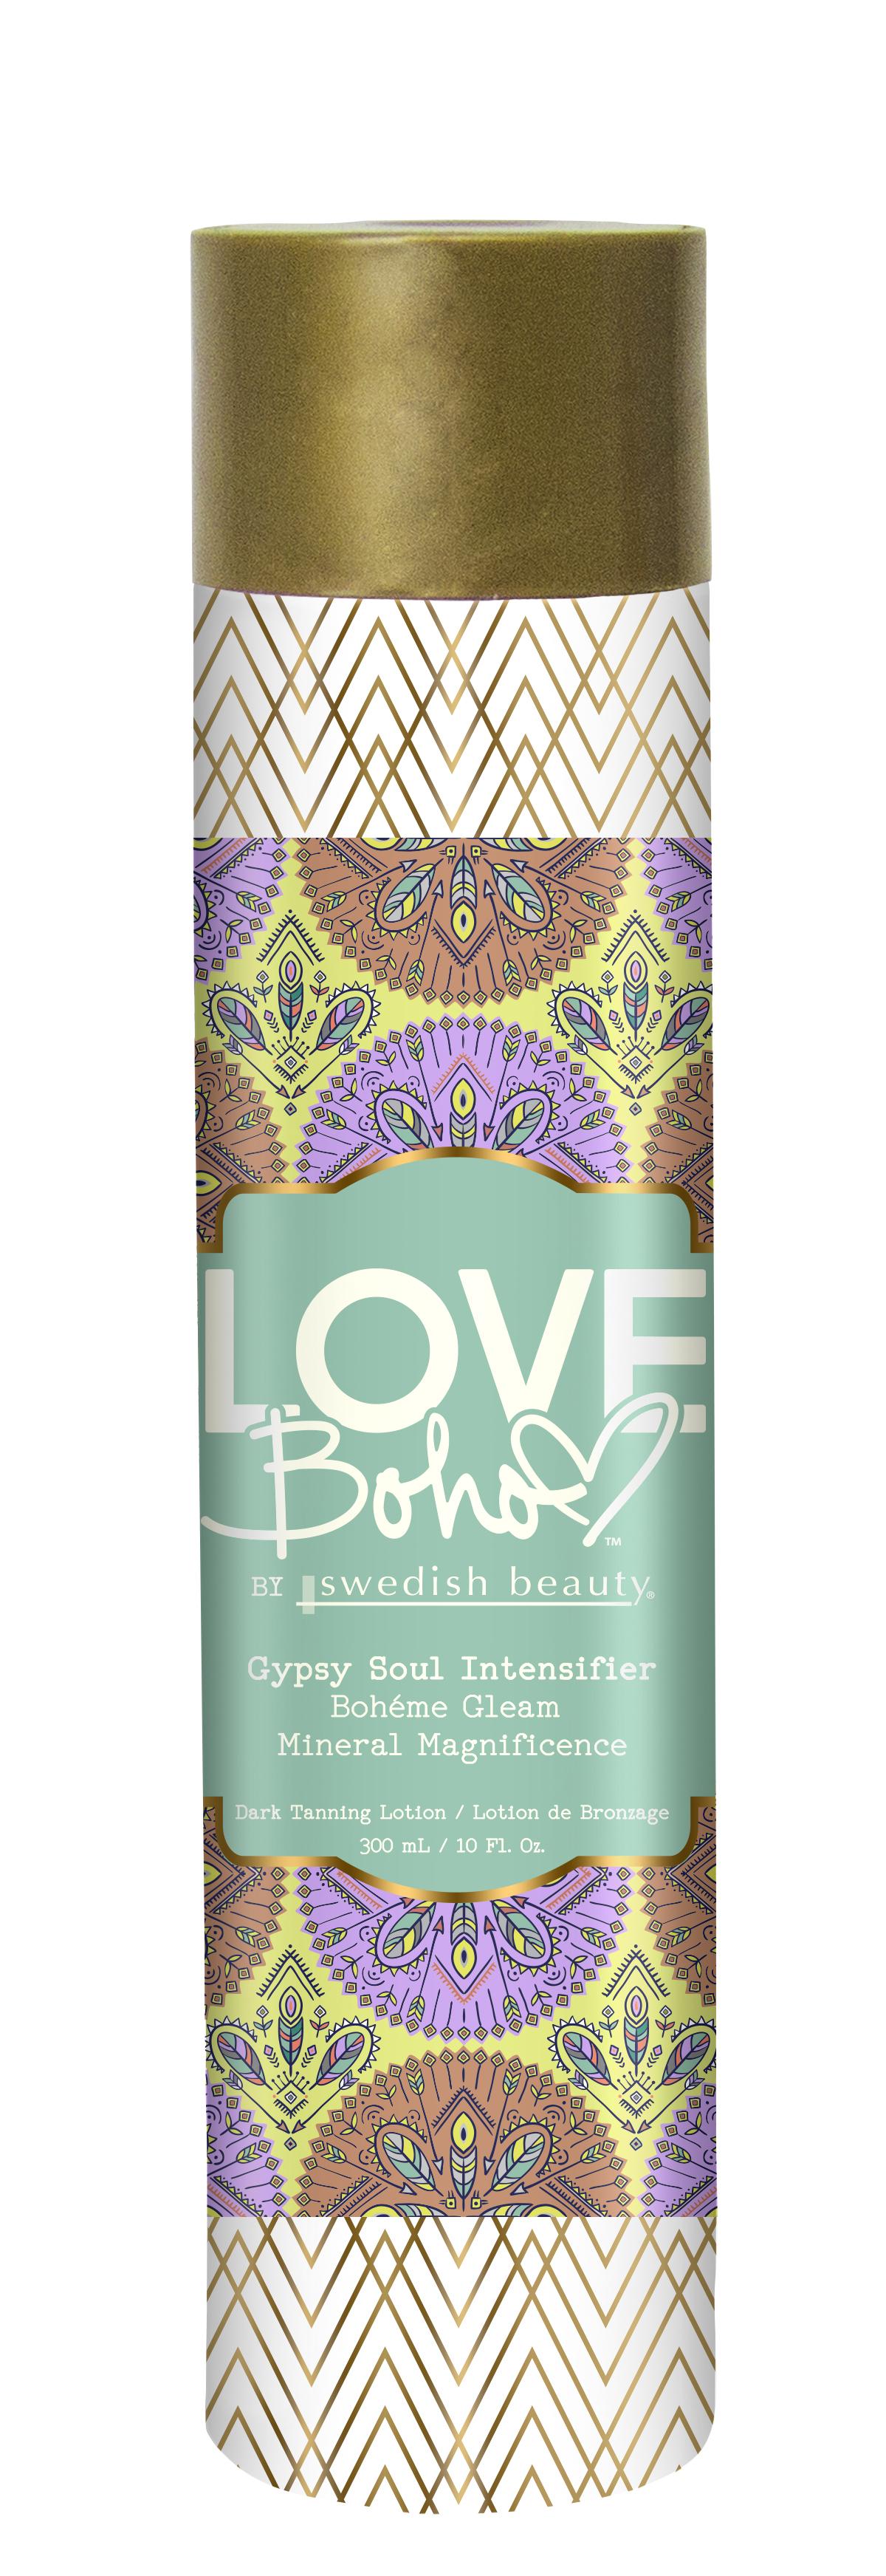 Love Boho™ Gypsy Soul Intensifier